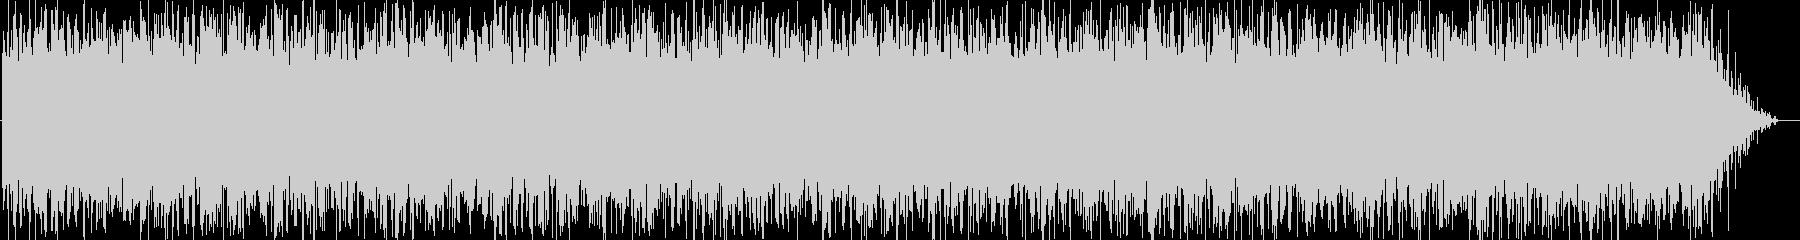 イメージ クレイジーディジュリドゥ03の未再生の波形